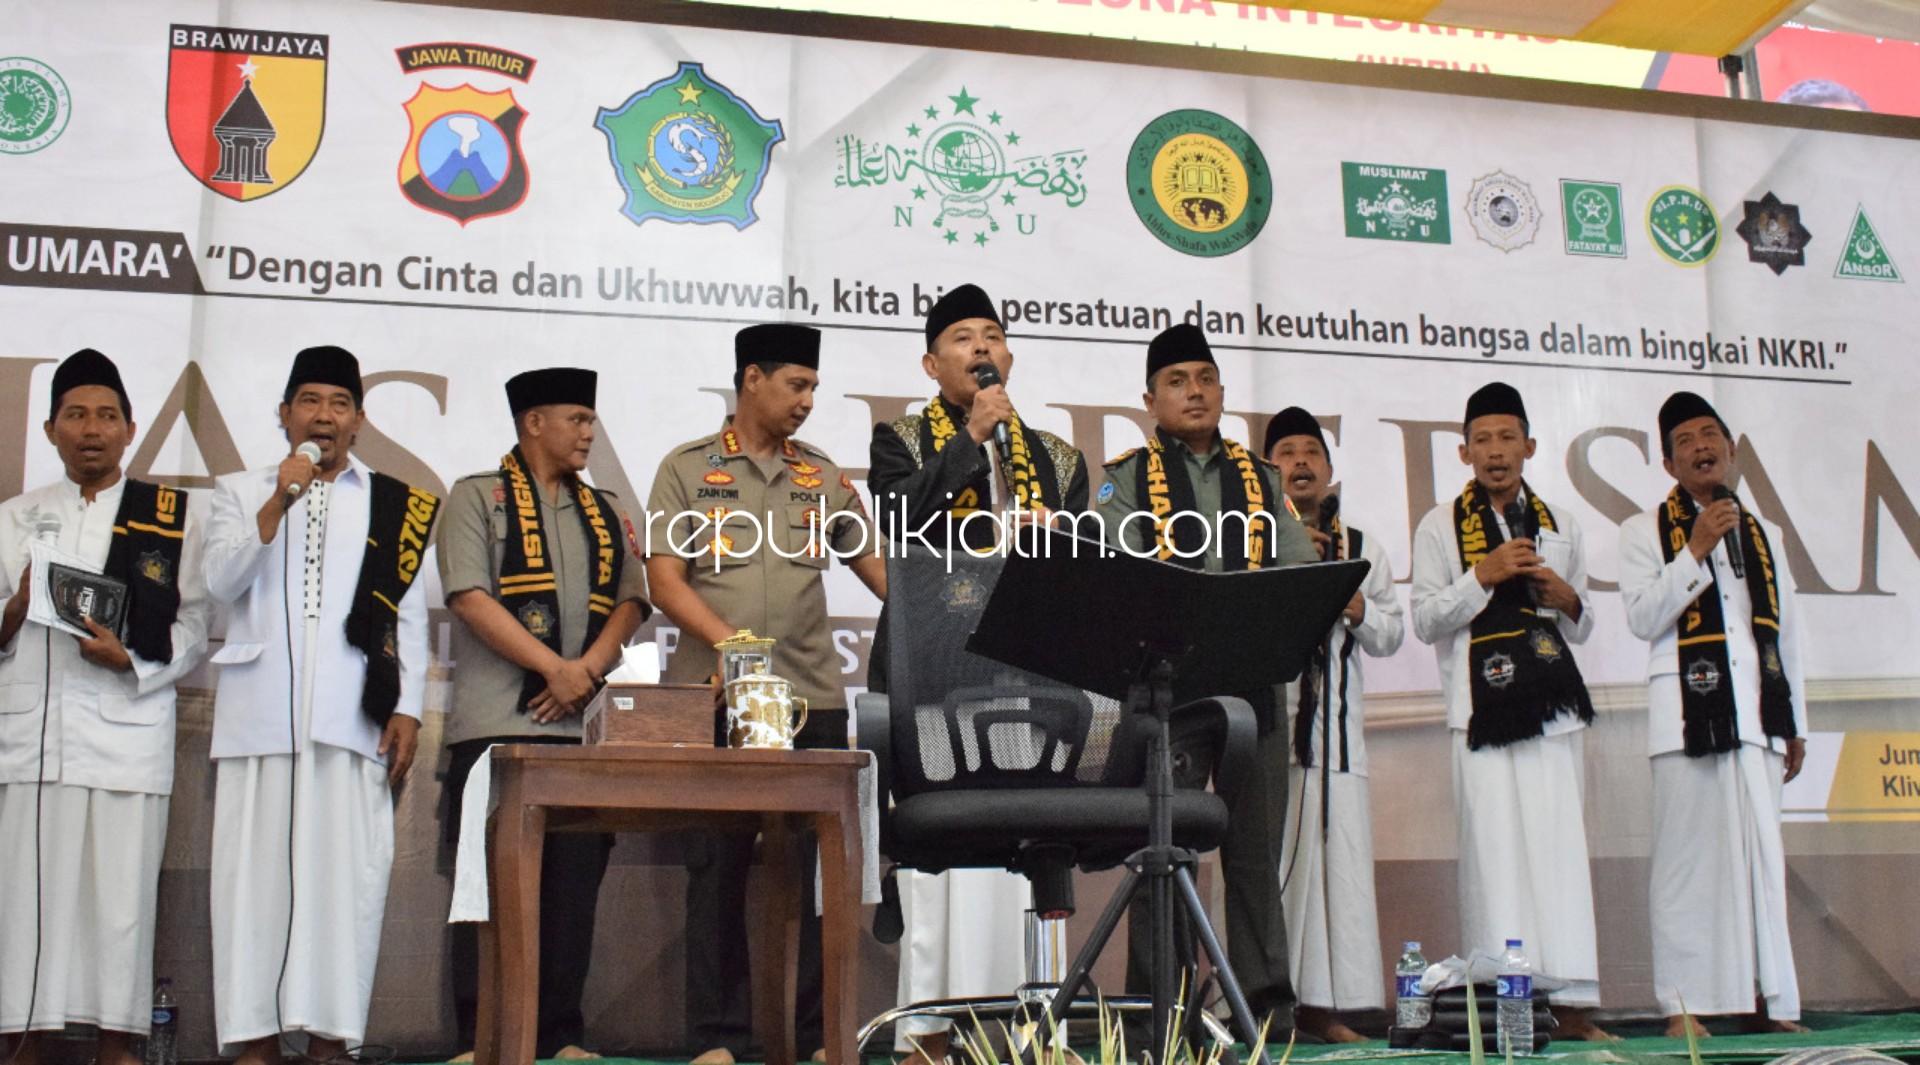 Jelang Pilkades dan Pilkada, Istighotsah dan Doa Bersama di Polresta Sidoarjo Diikuti Ribuan Jamaah